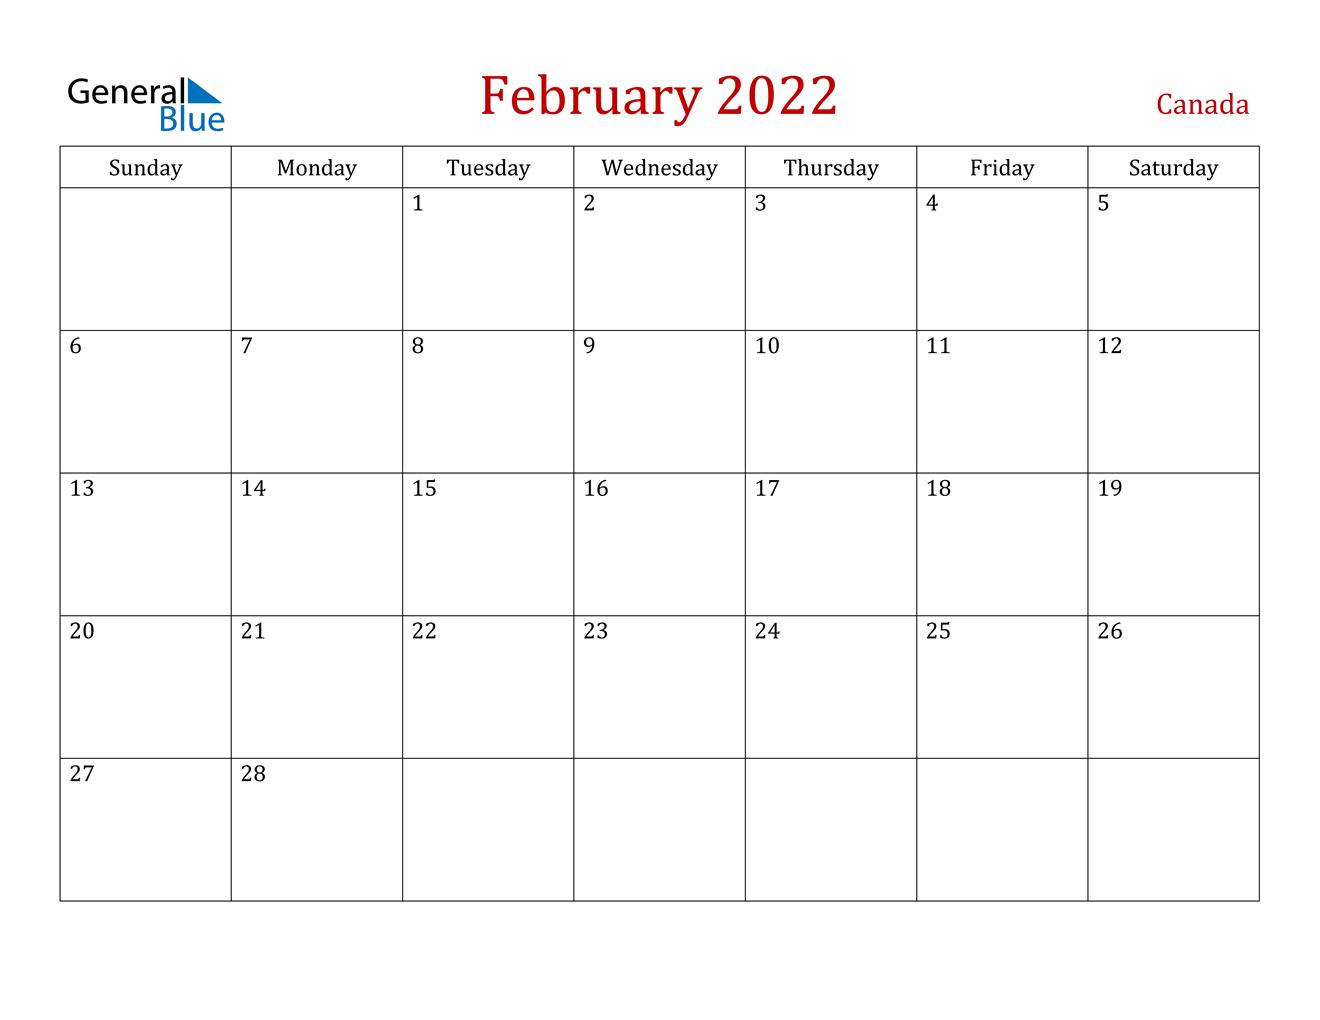 February 2022 Calendar – Canada Regarding Feb 2022 Calendar Printable Free